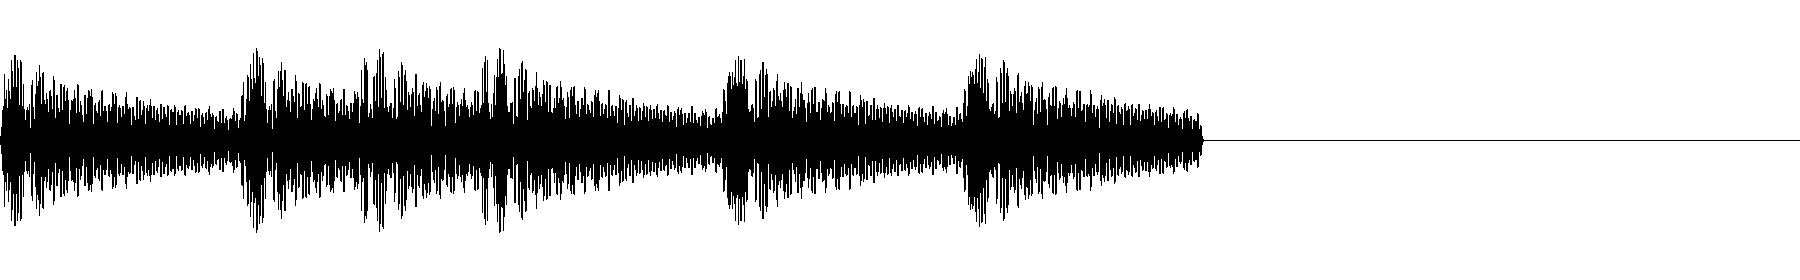 bennwu china drum01